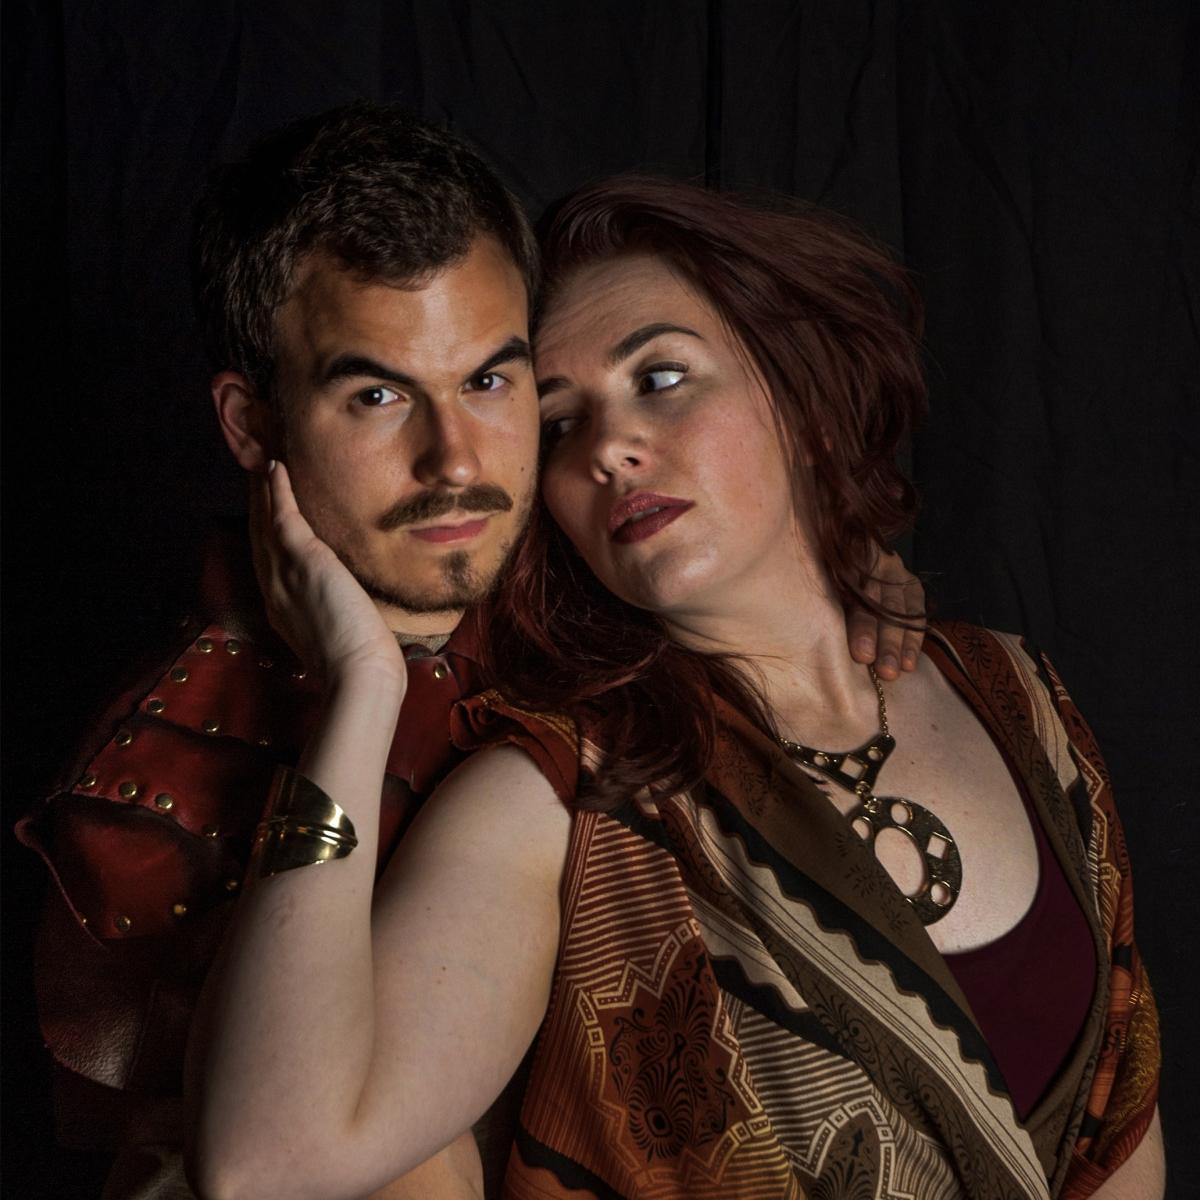 Jason and (Medea) Promotional Photos  photos by:Farrah Underwood